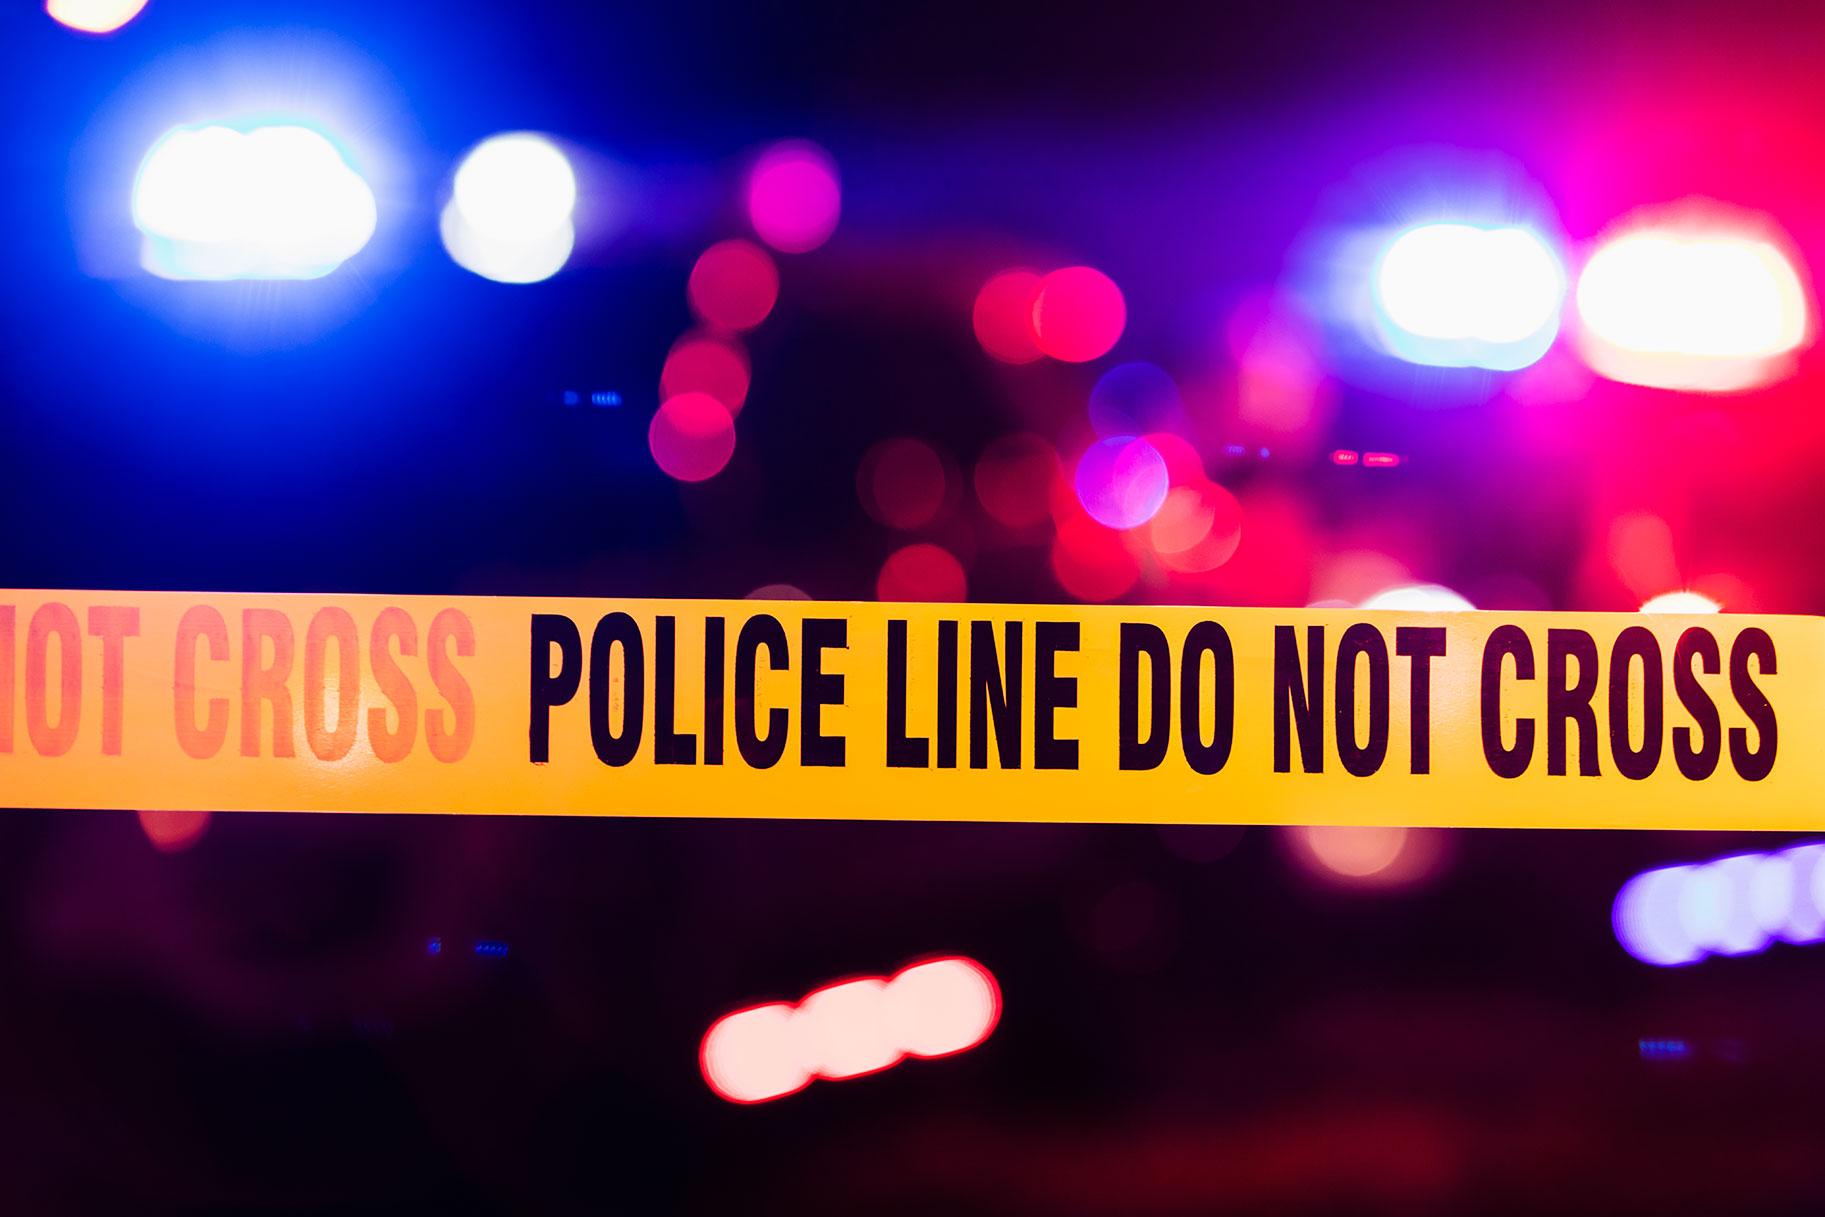 2 hombres arrestados después de que un adolescente es encontrado muerto, envuelto en plástico dentro del mercado de pescado abandonado de Nueva York